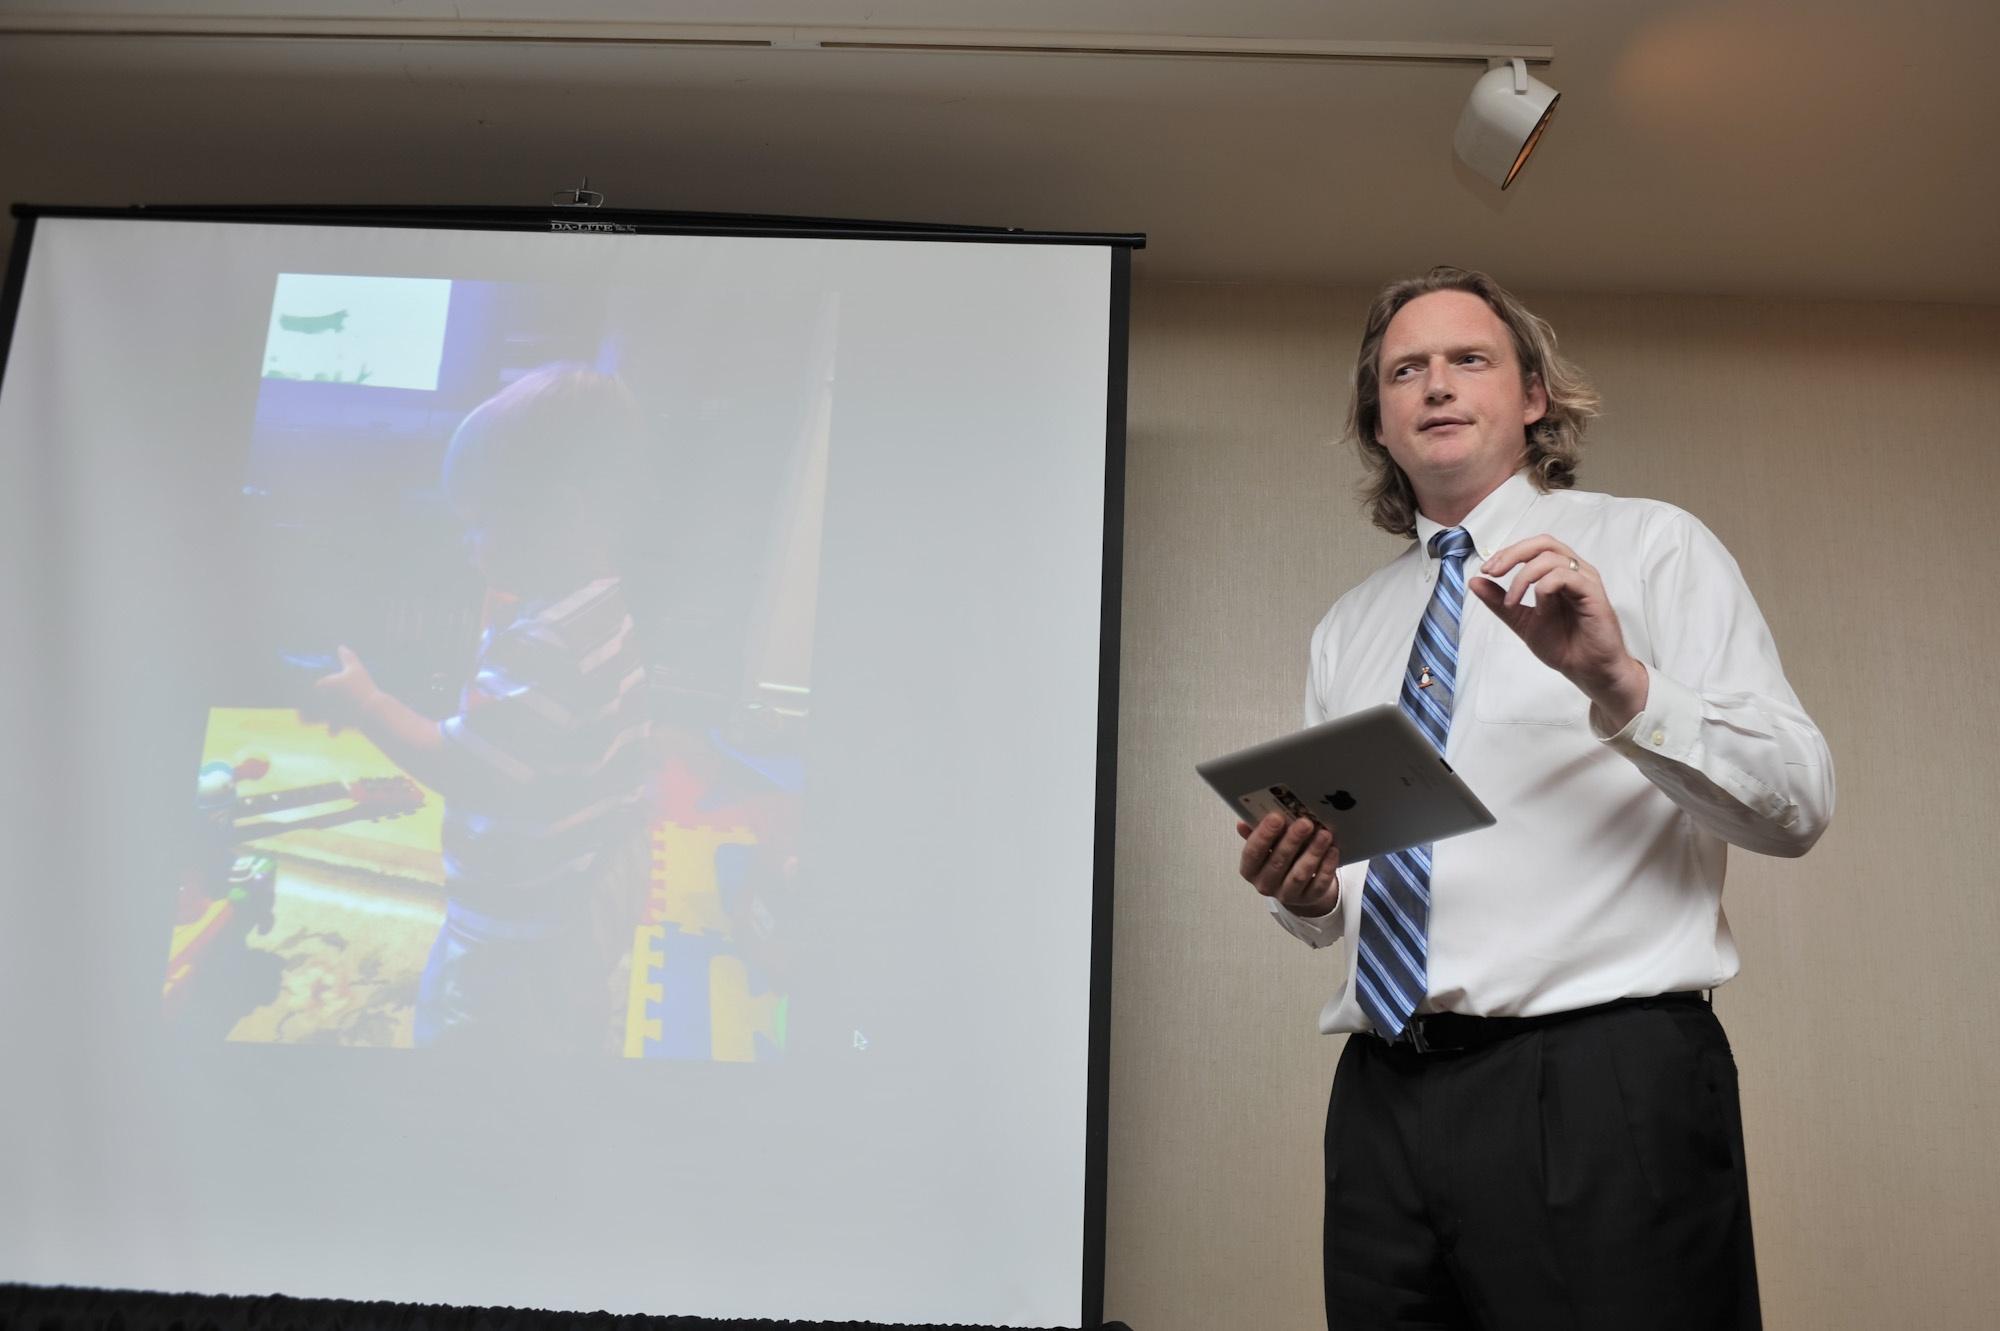 Nigel_Symposium_Preso1_2012.jpg